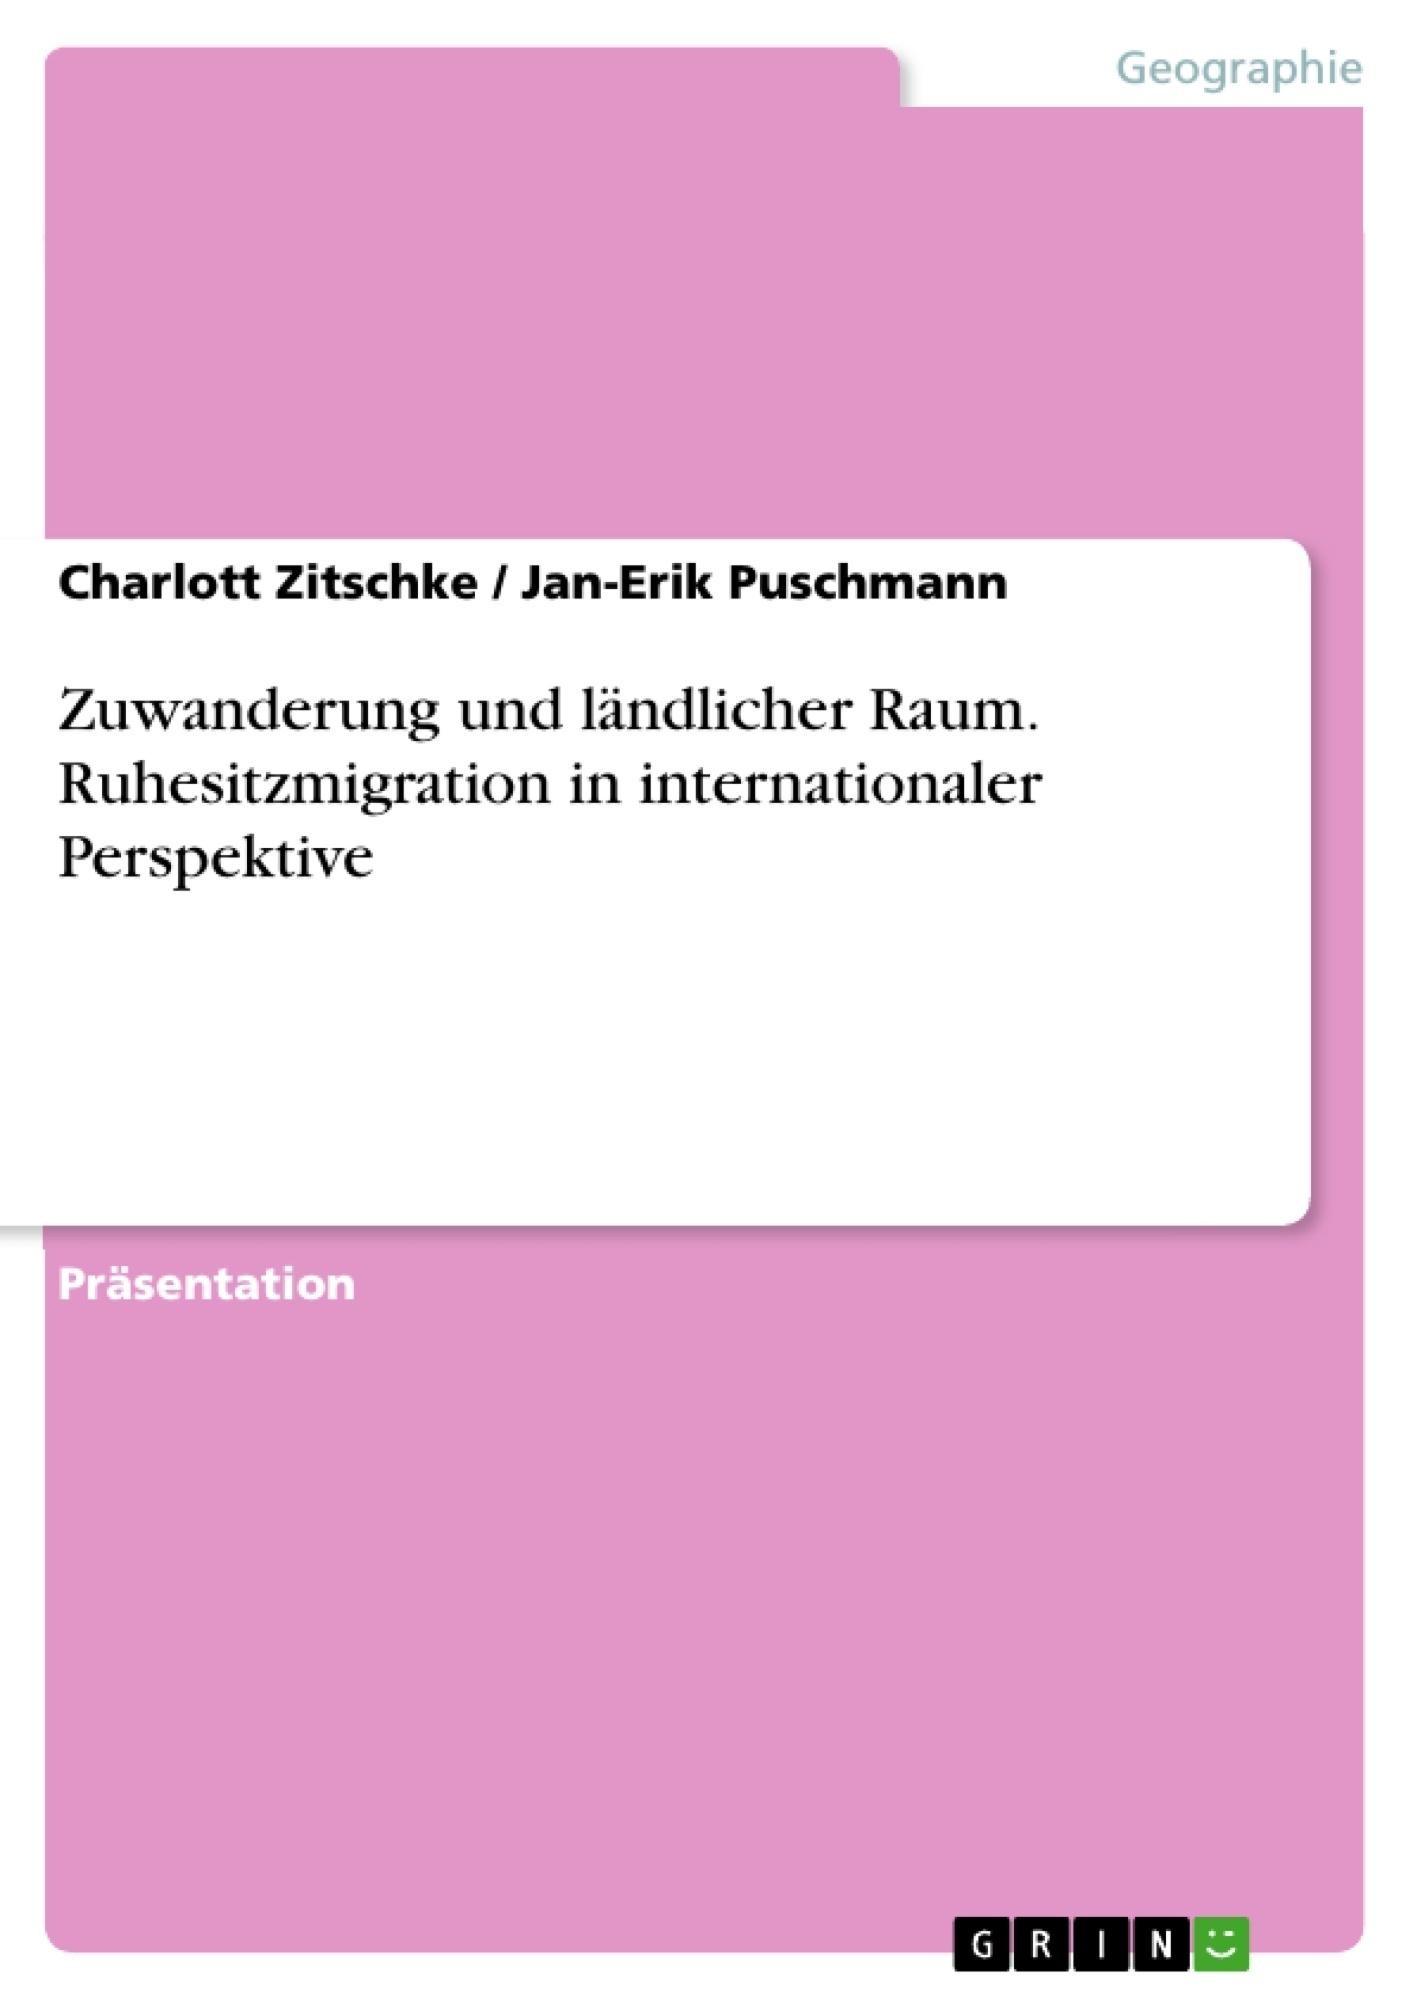 Titel: Zuwanderung und ländlicher Raum. Ruhesitzmigration in internationaler Perspektive